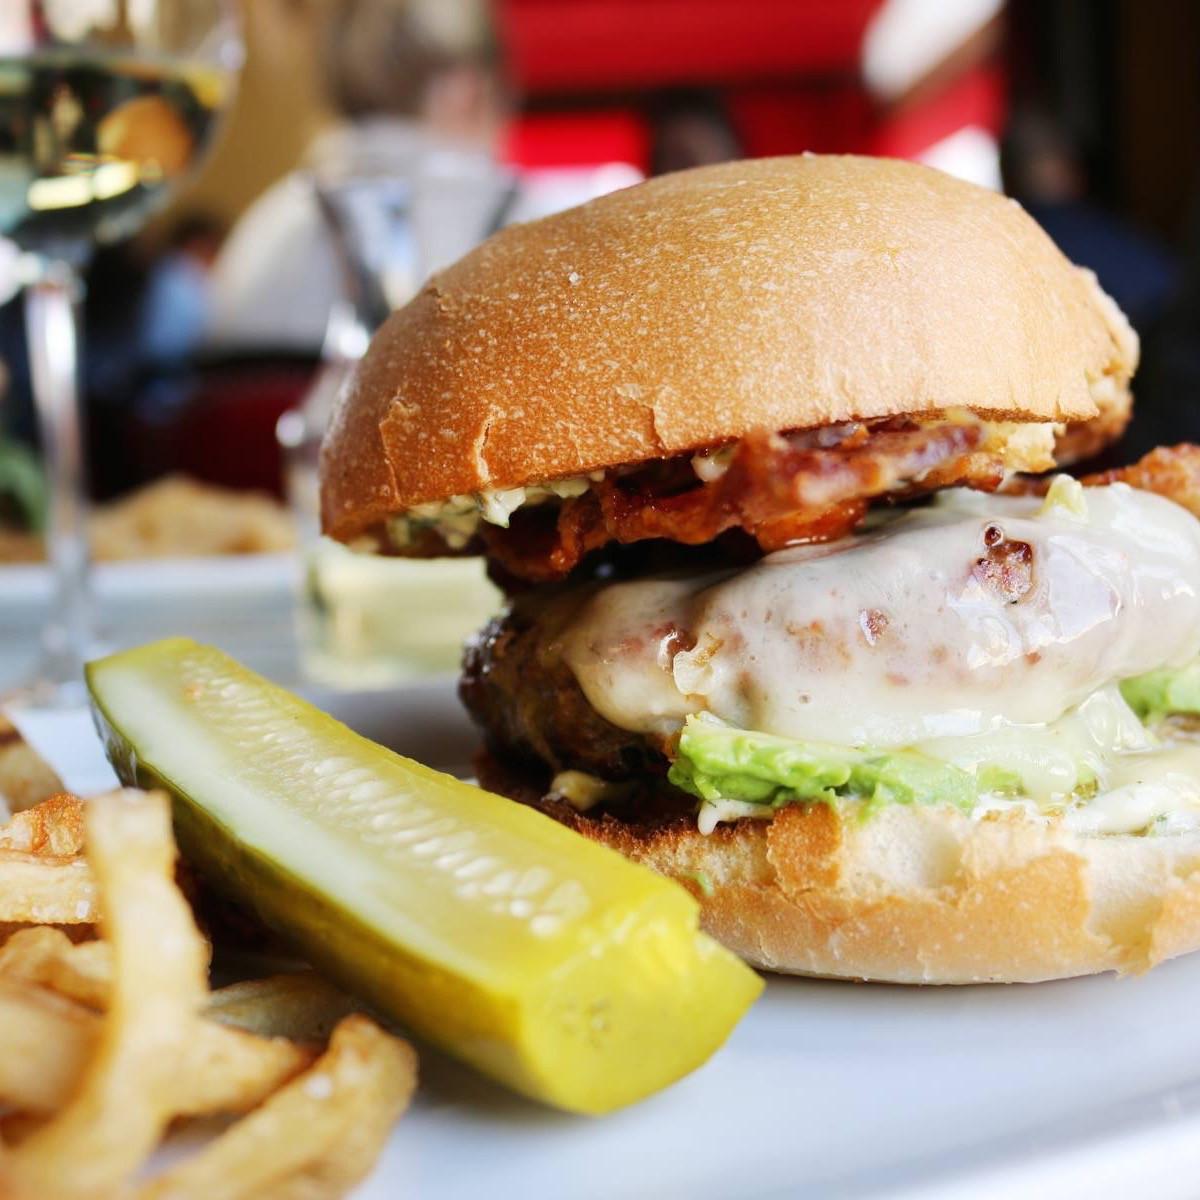 Toulouse Cafe River Oaks District burger